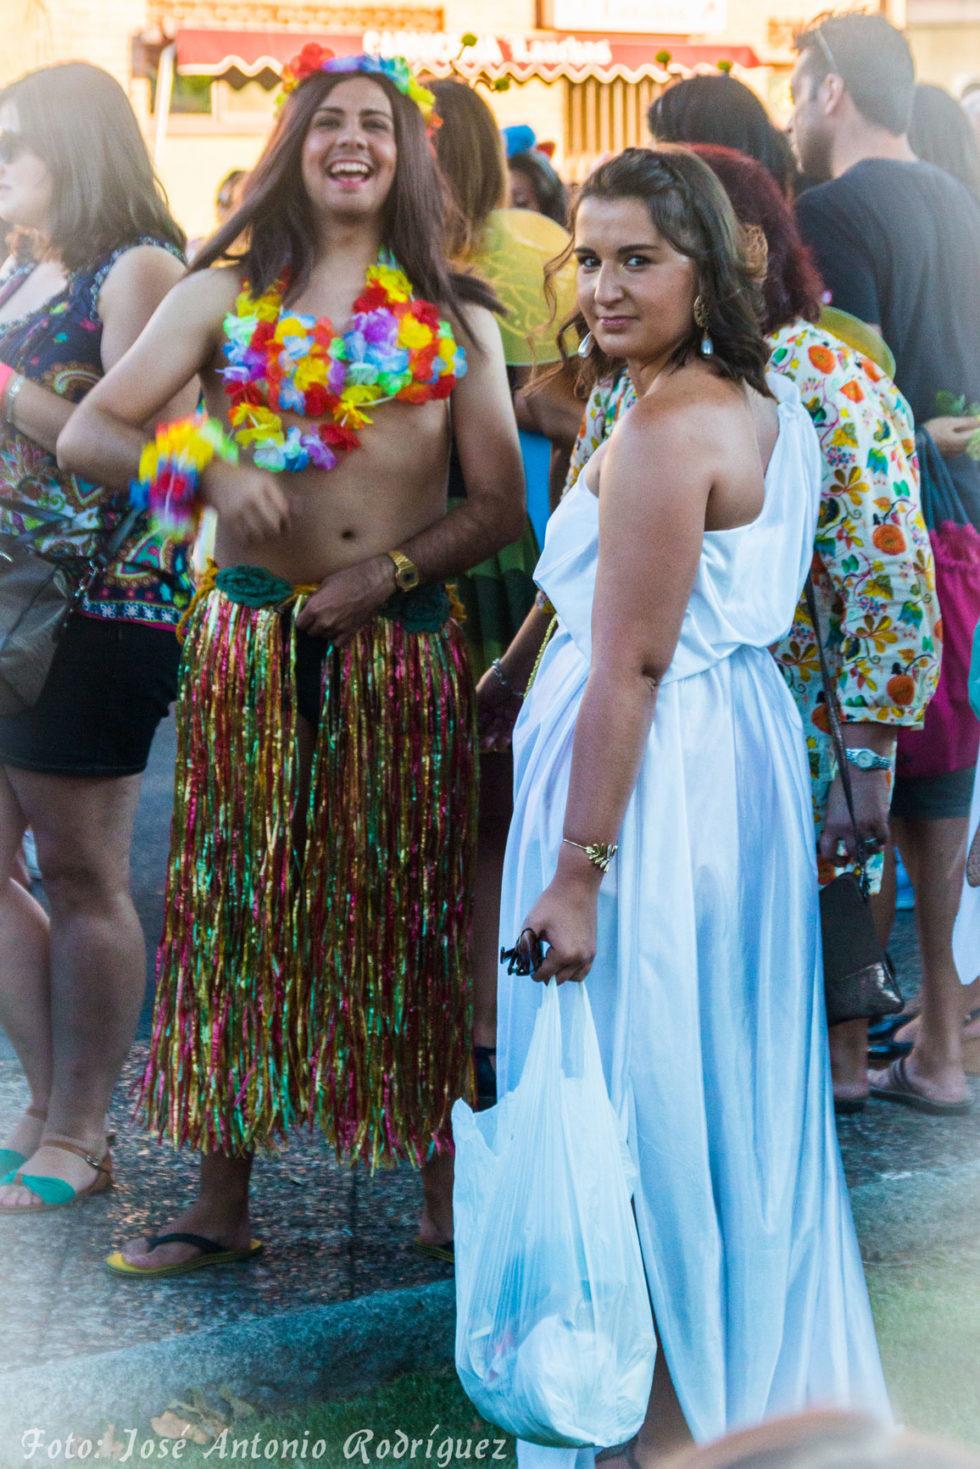 carnaval-de-verano_20242663492_o